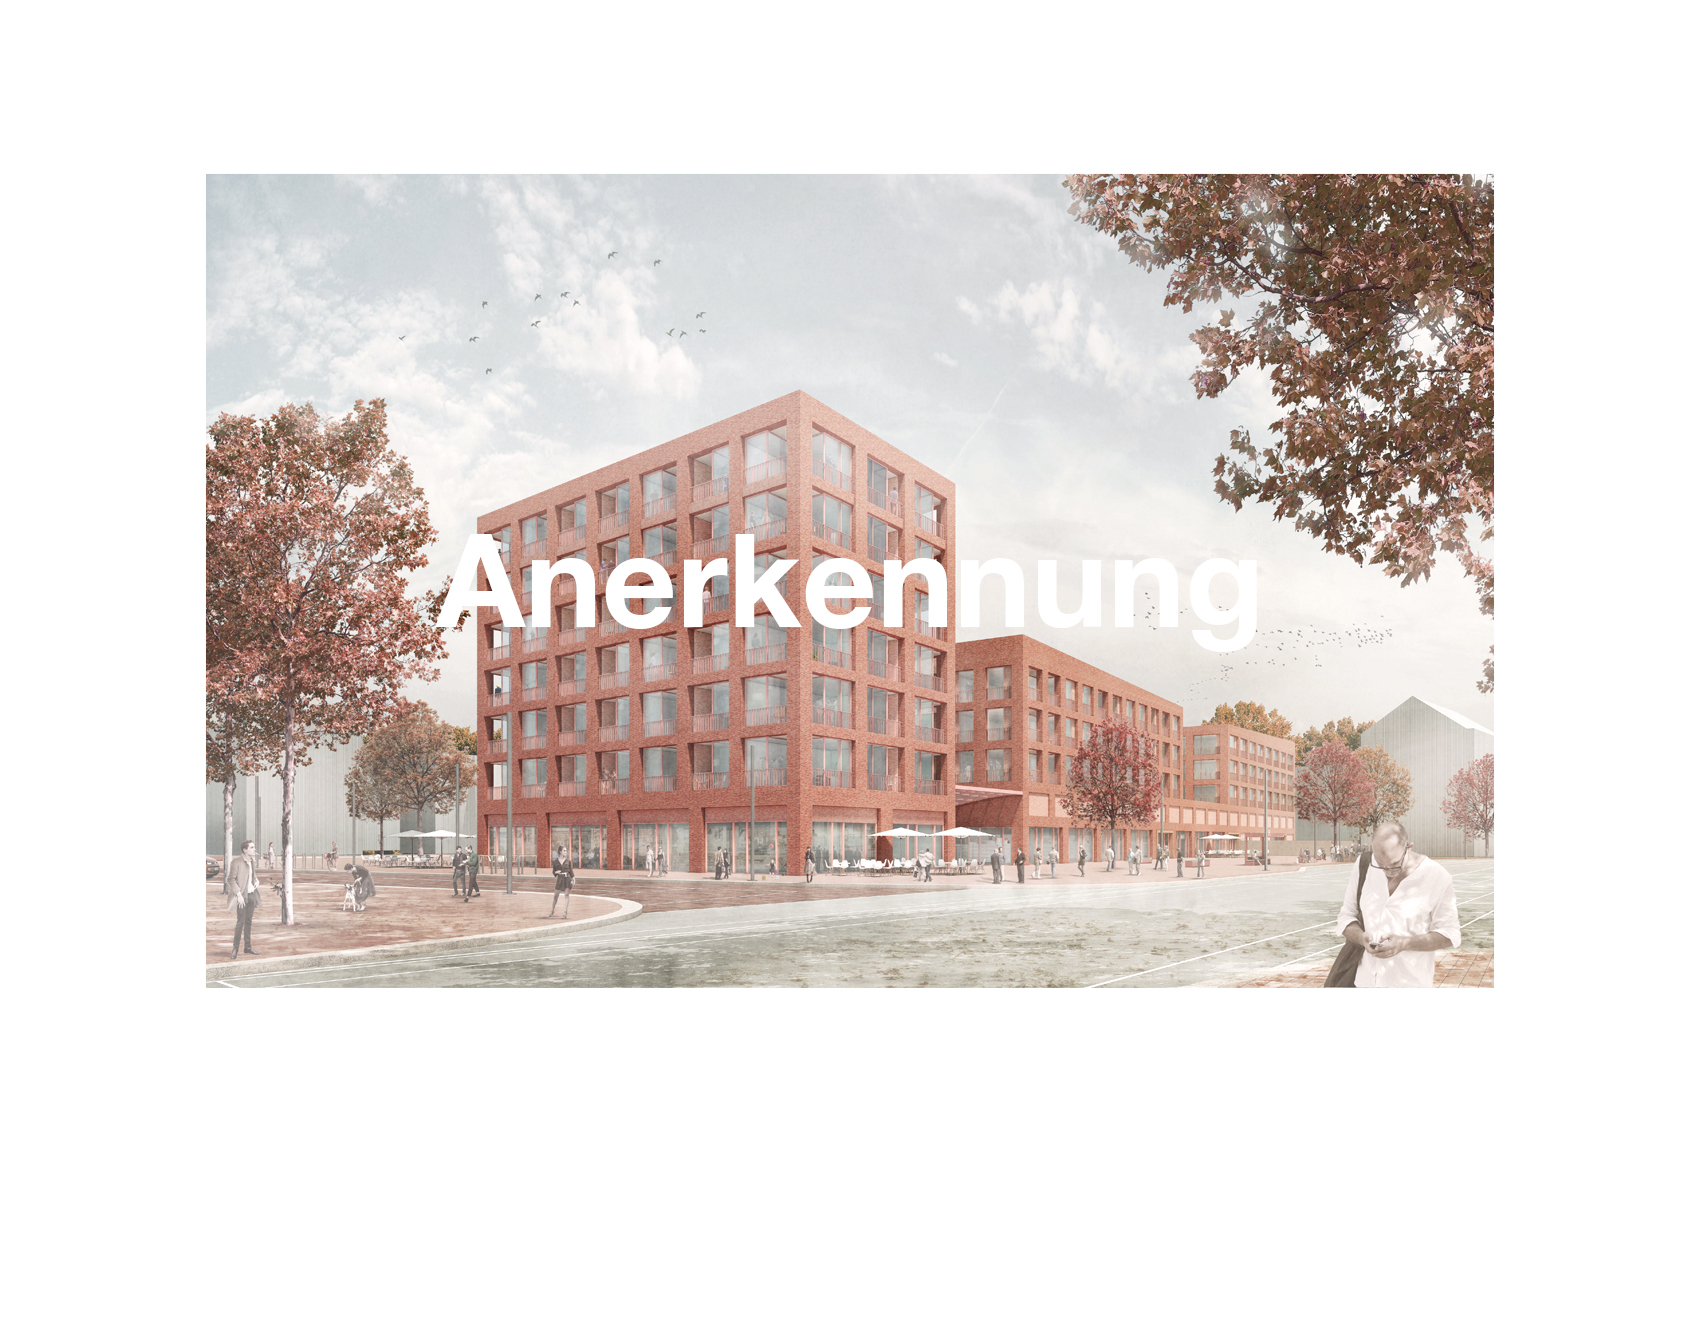 """08/2019<br>Für den Wettbewerbsbeitrag in der Wasserstadt Limmer - Hannover wurden HERR & SCHNELL mit Mars Architekten und<br> grabner huber lipp landschaftsarchitekten mir einer Anerkennung ausgezeichnet.<br><br><a href=""""/limmerhannover"""">Projekt</a>"""